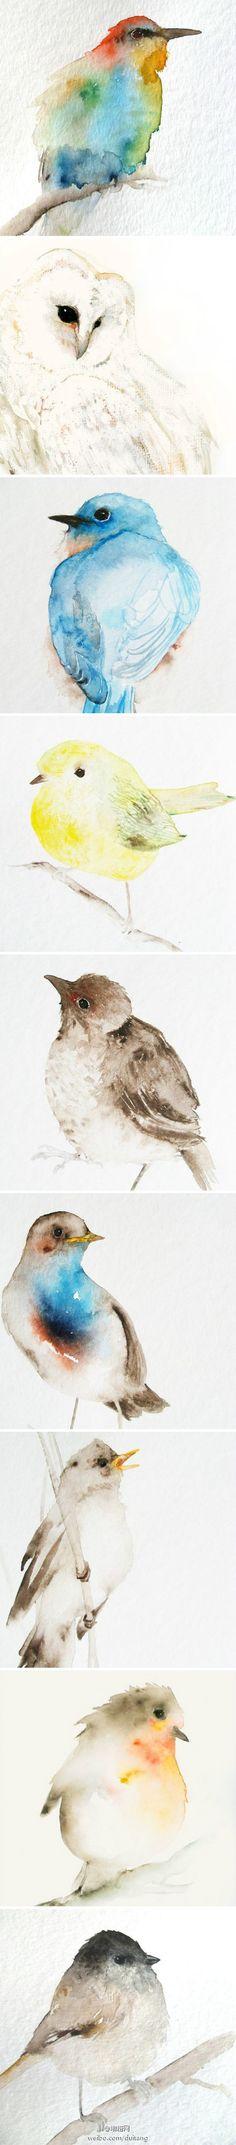 水彩画的小鸟,也可以很灵动呢!